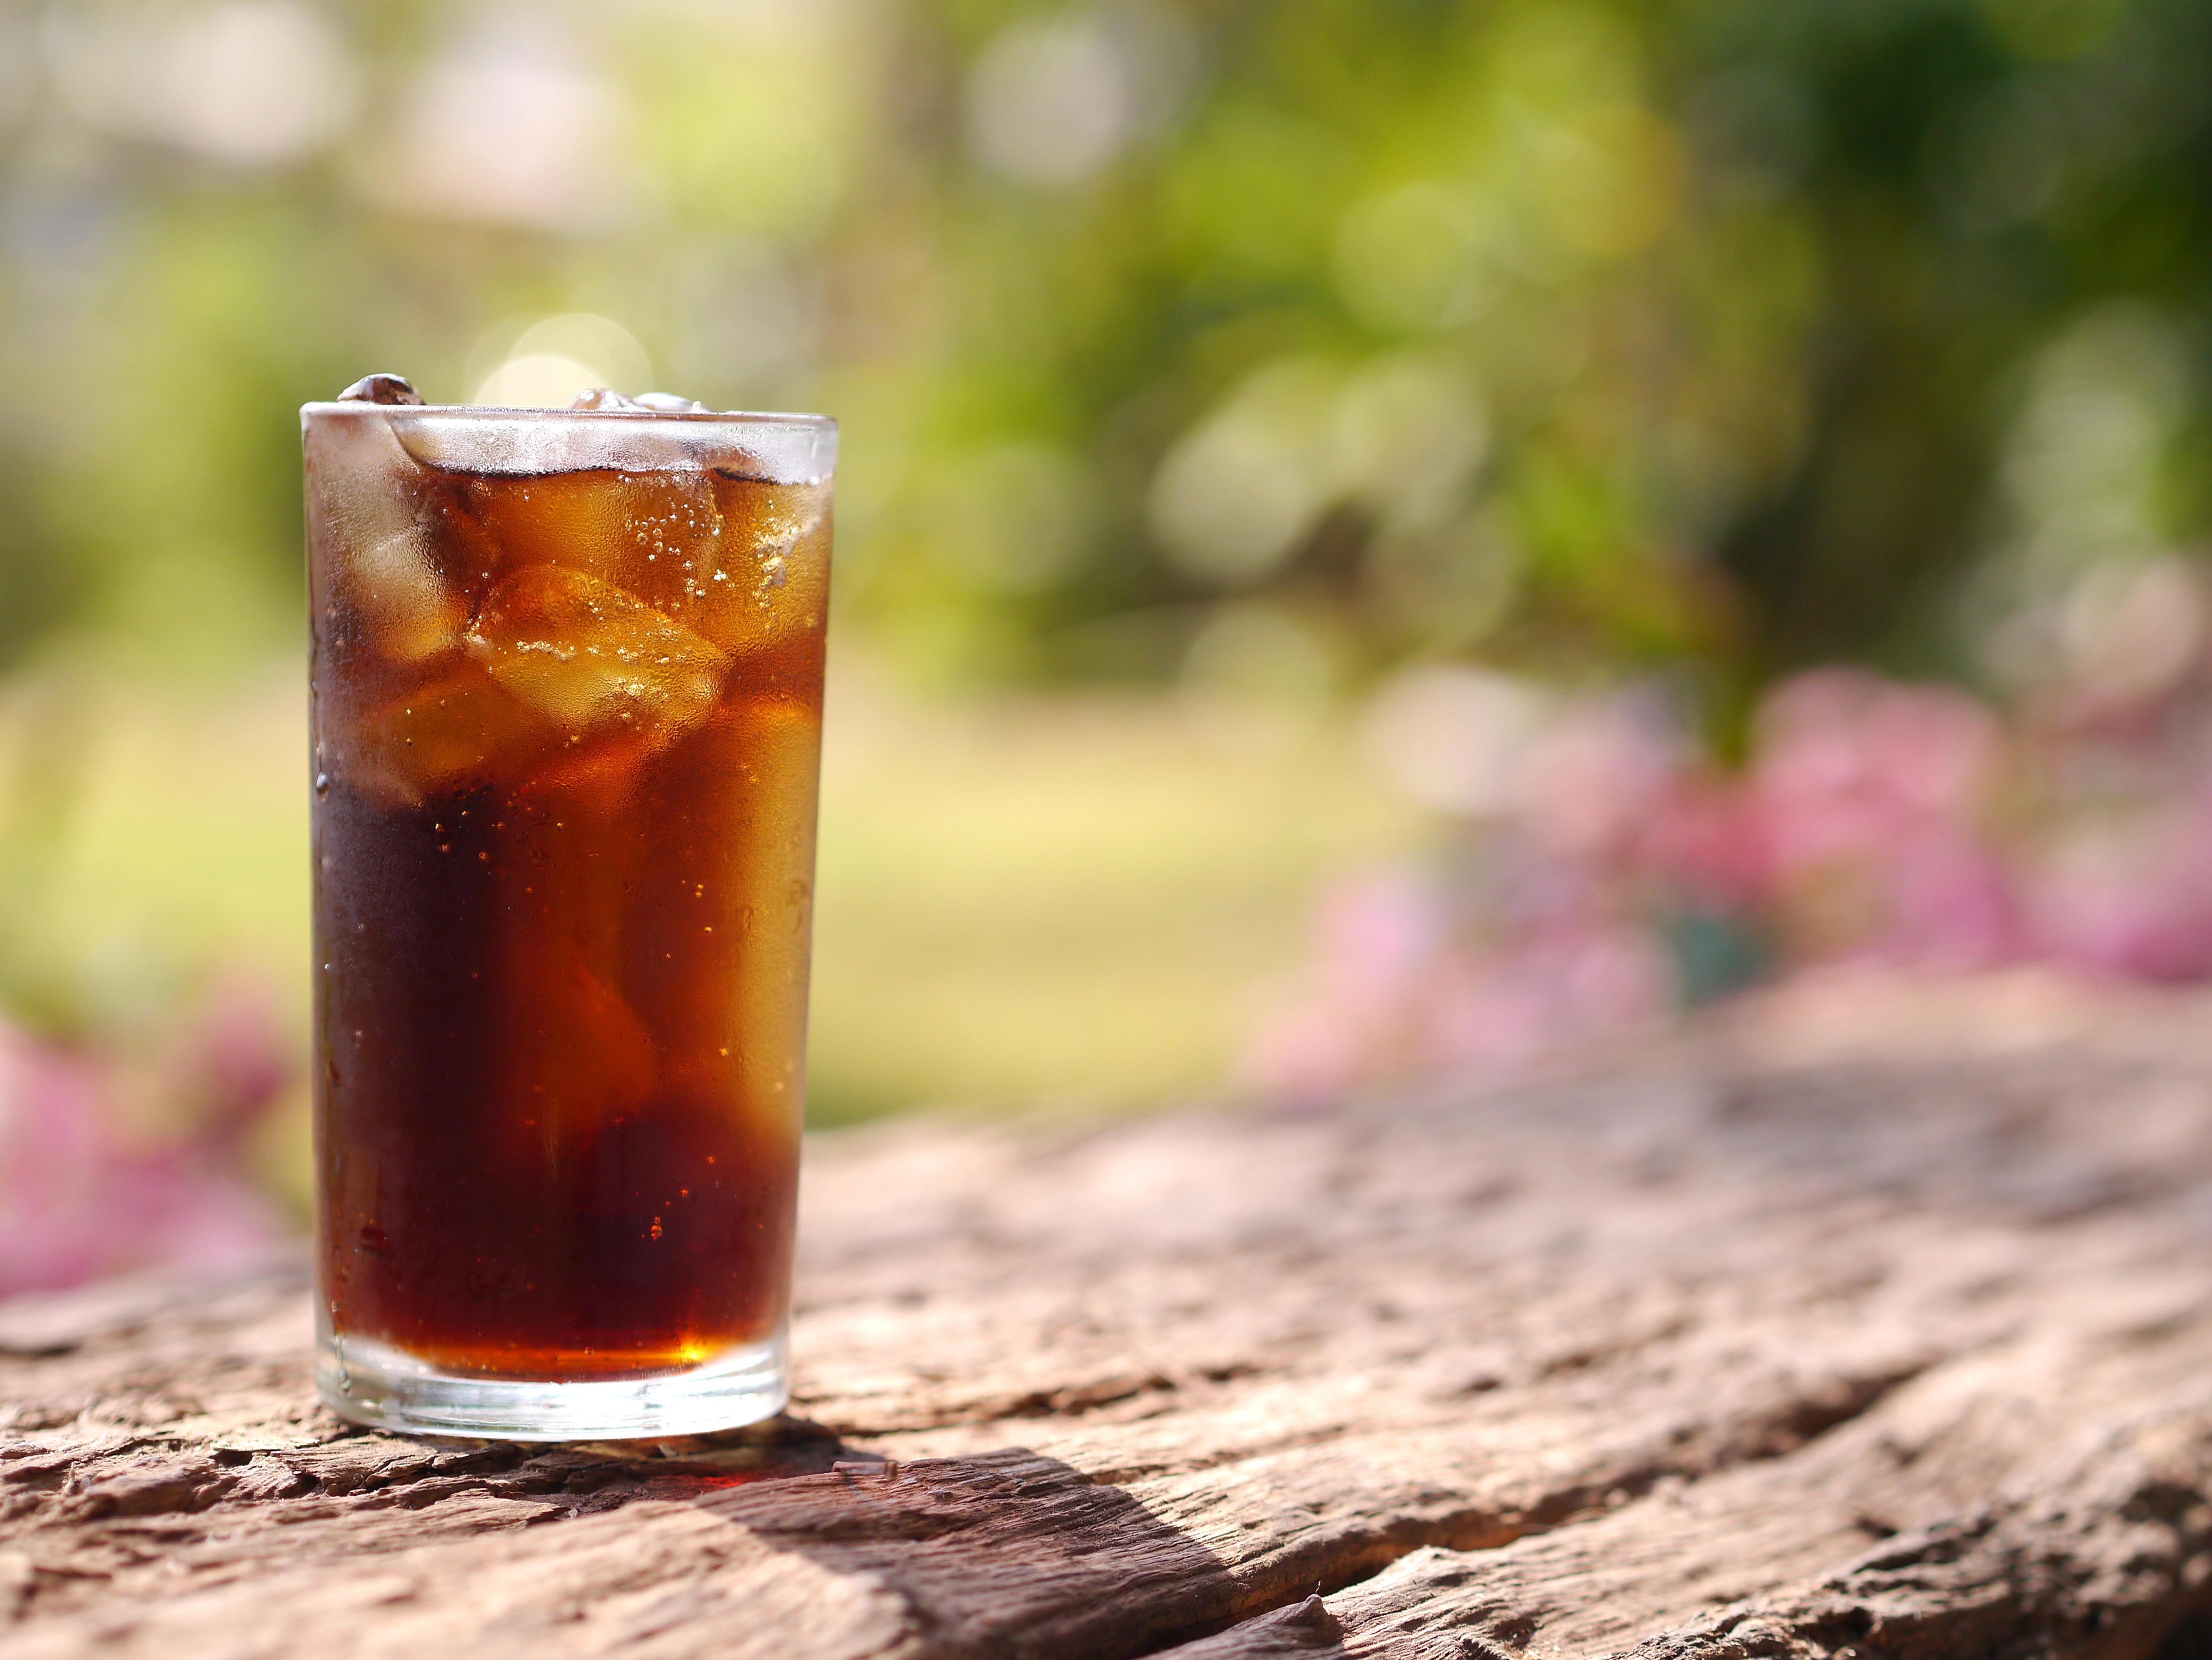 Regeln für die gesunde Ernährung: Softdrinks weg lassen